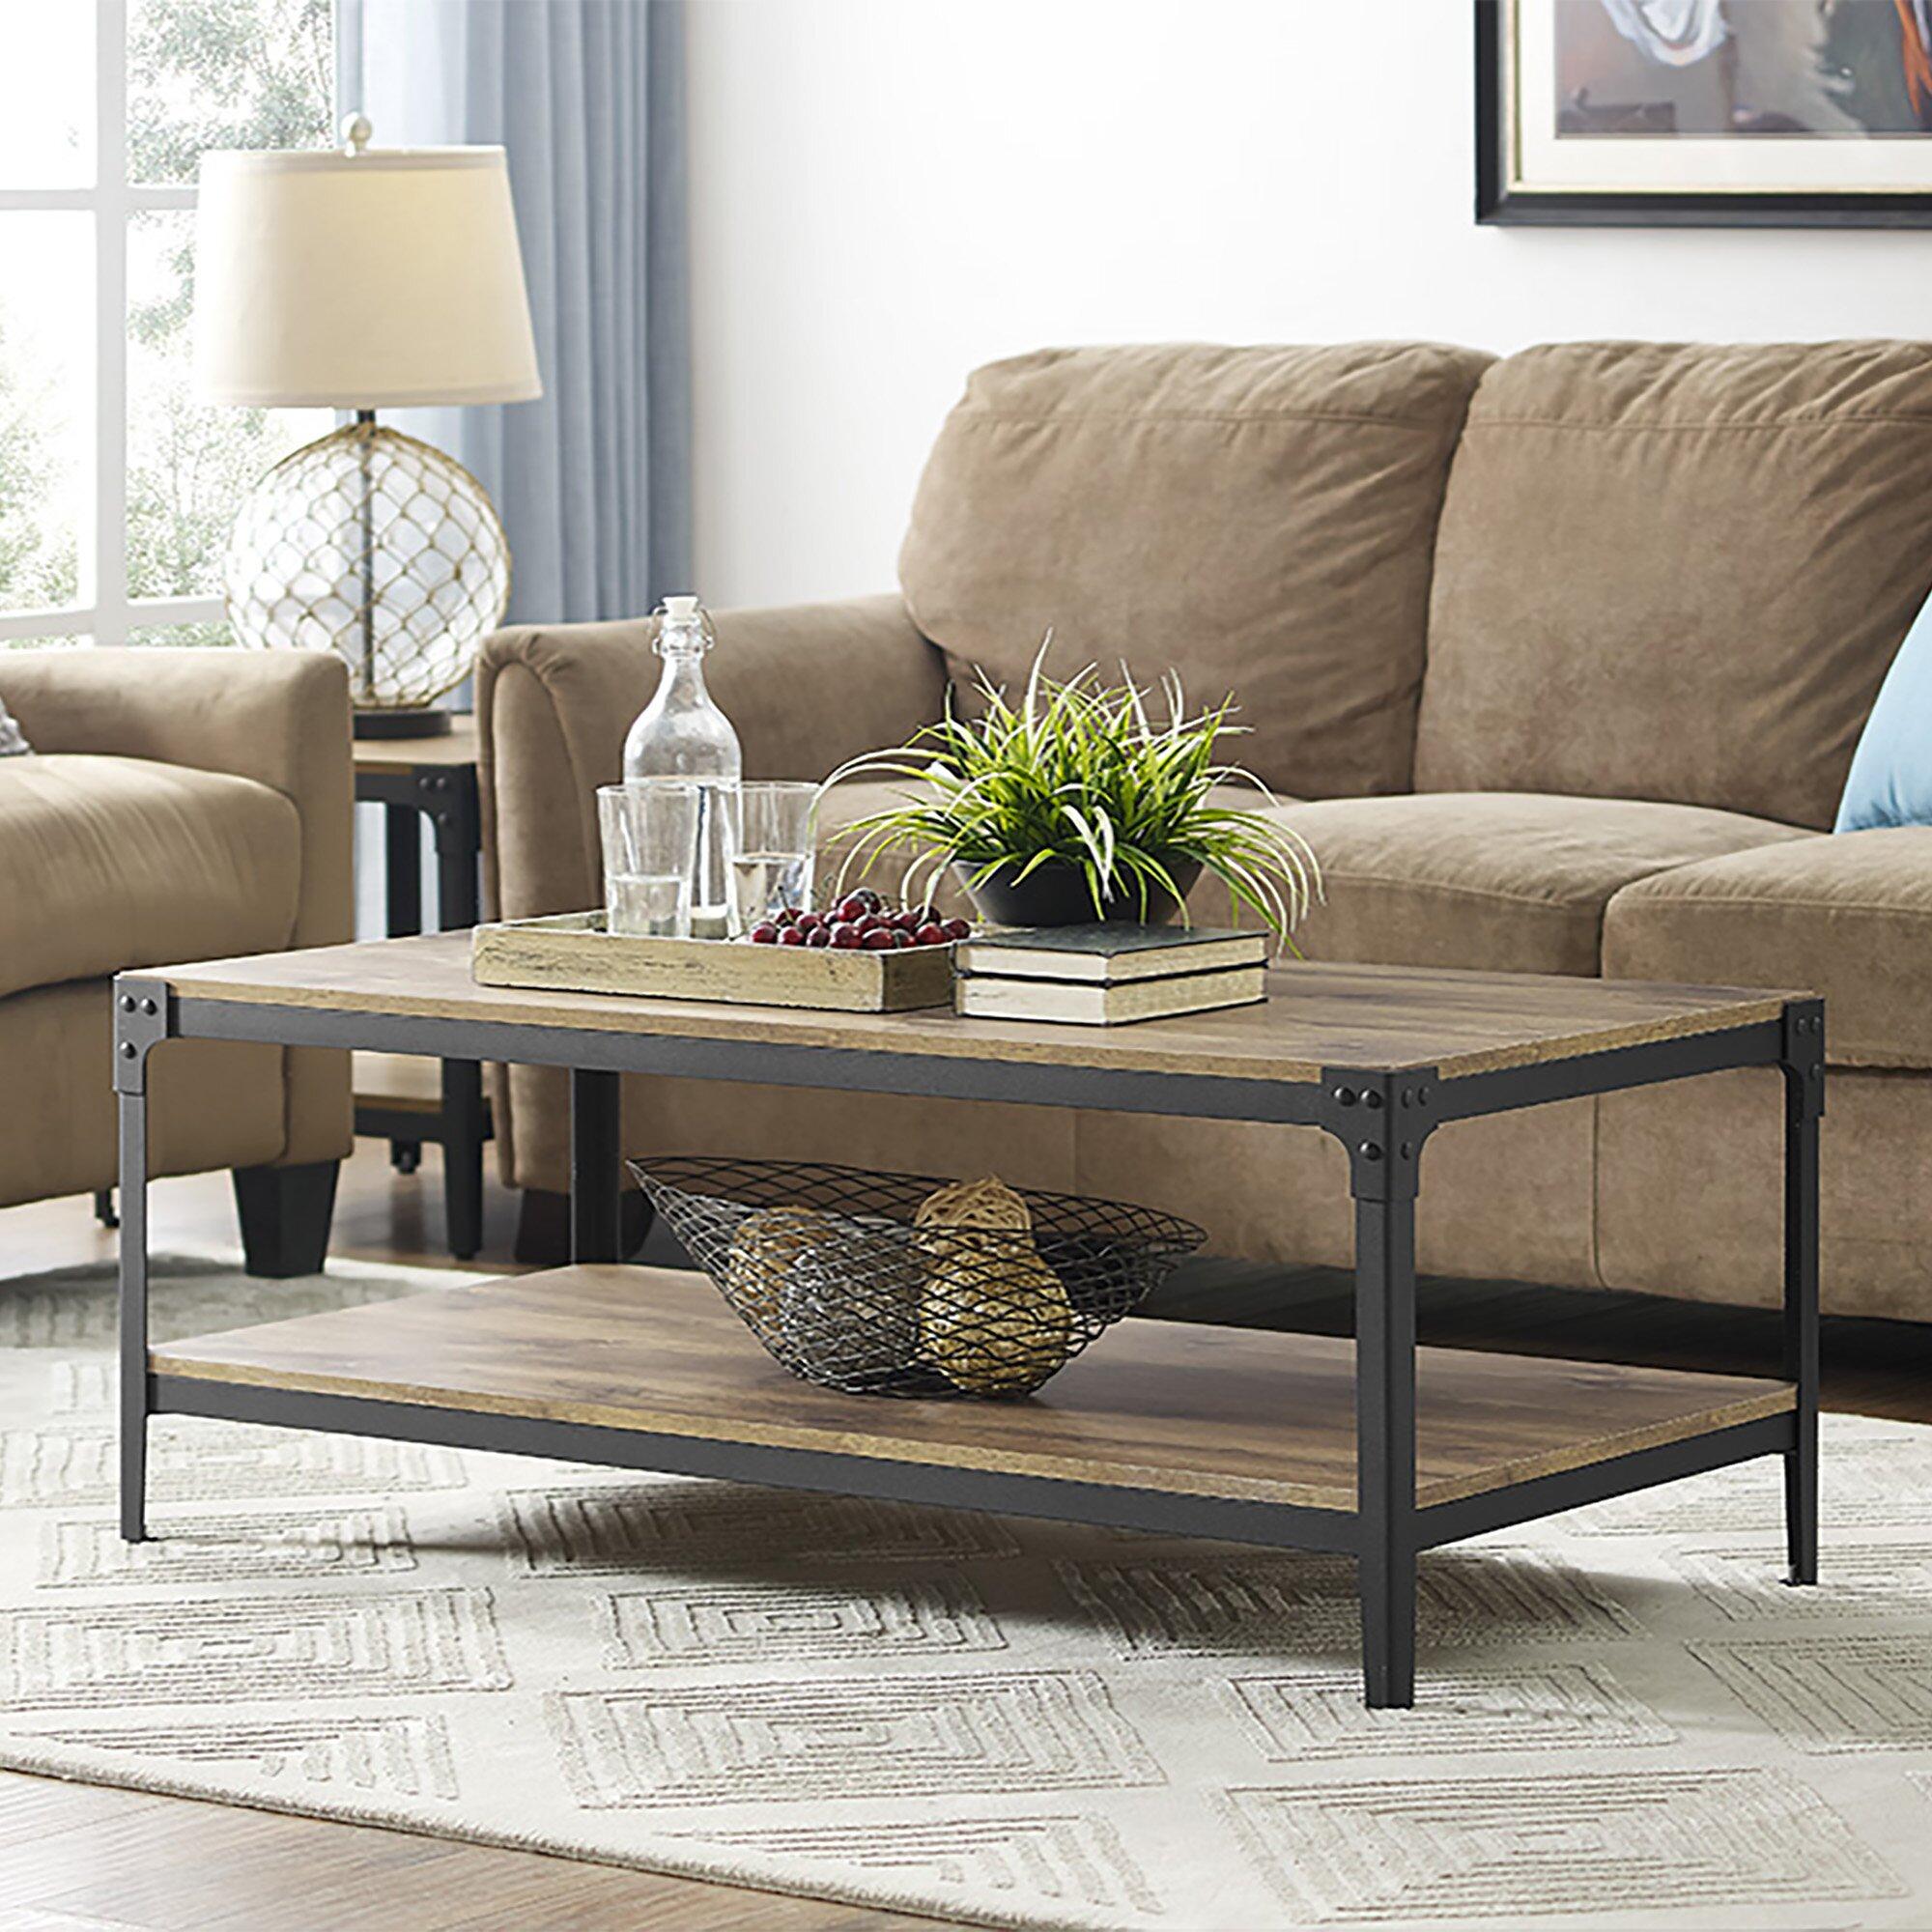 Rustic All Wood Coffee Table: Loon Peak Arboleda Rustic Wood Coffee Table & Reviews